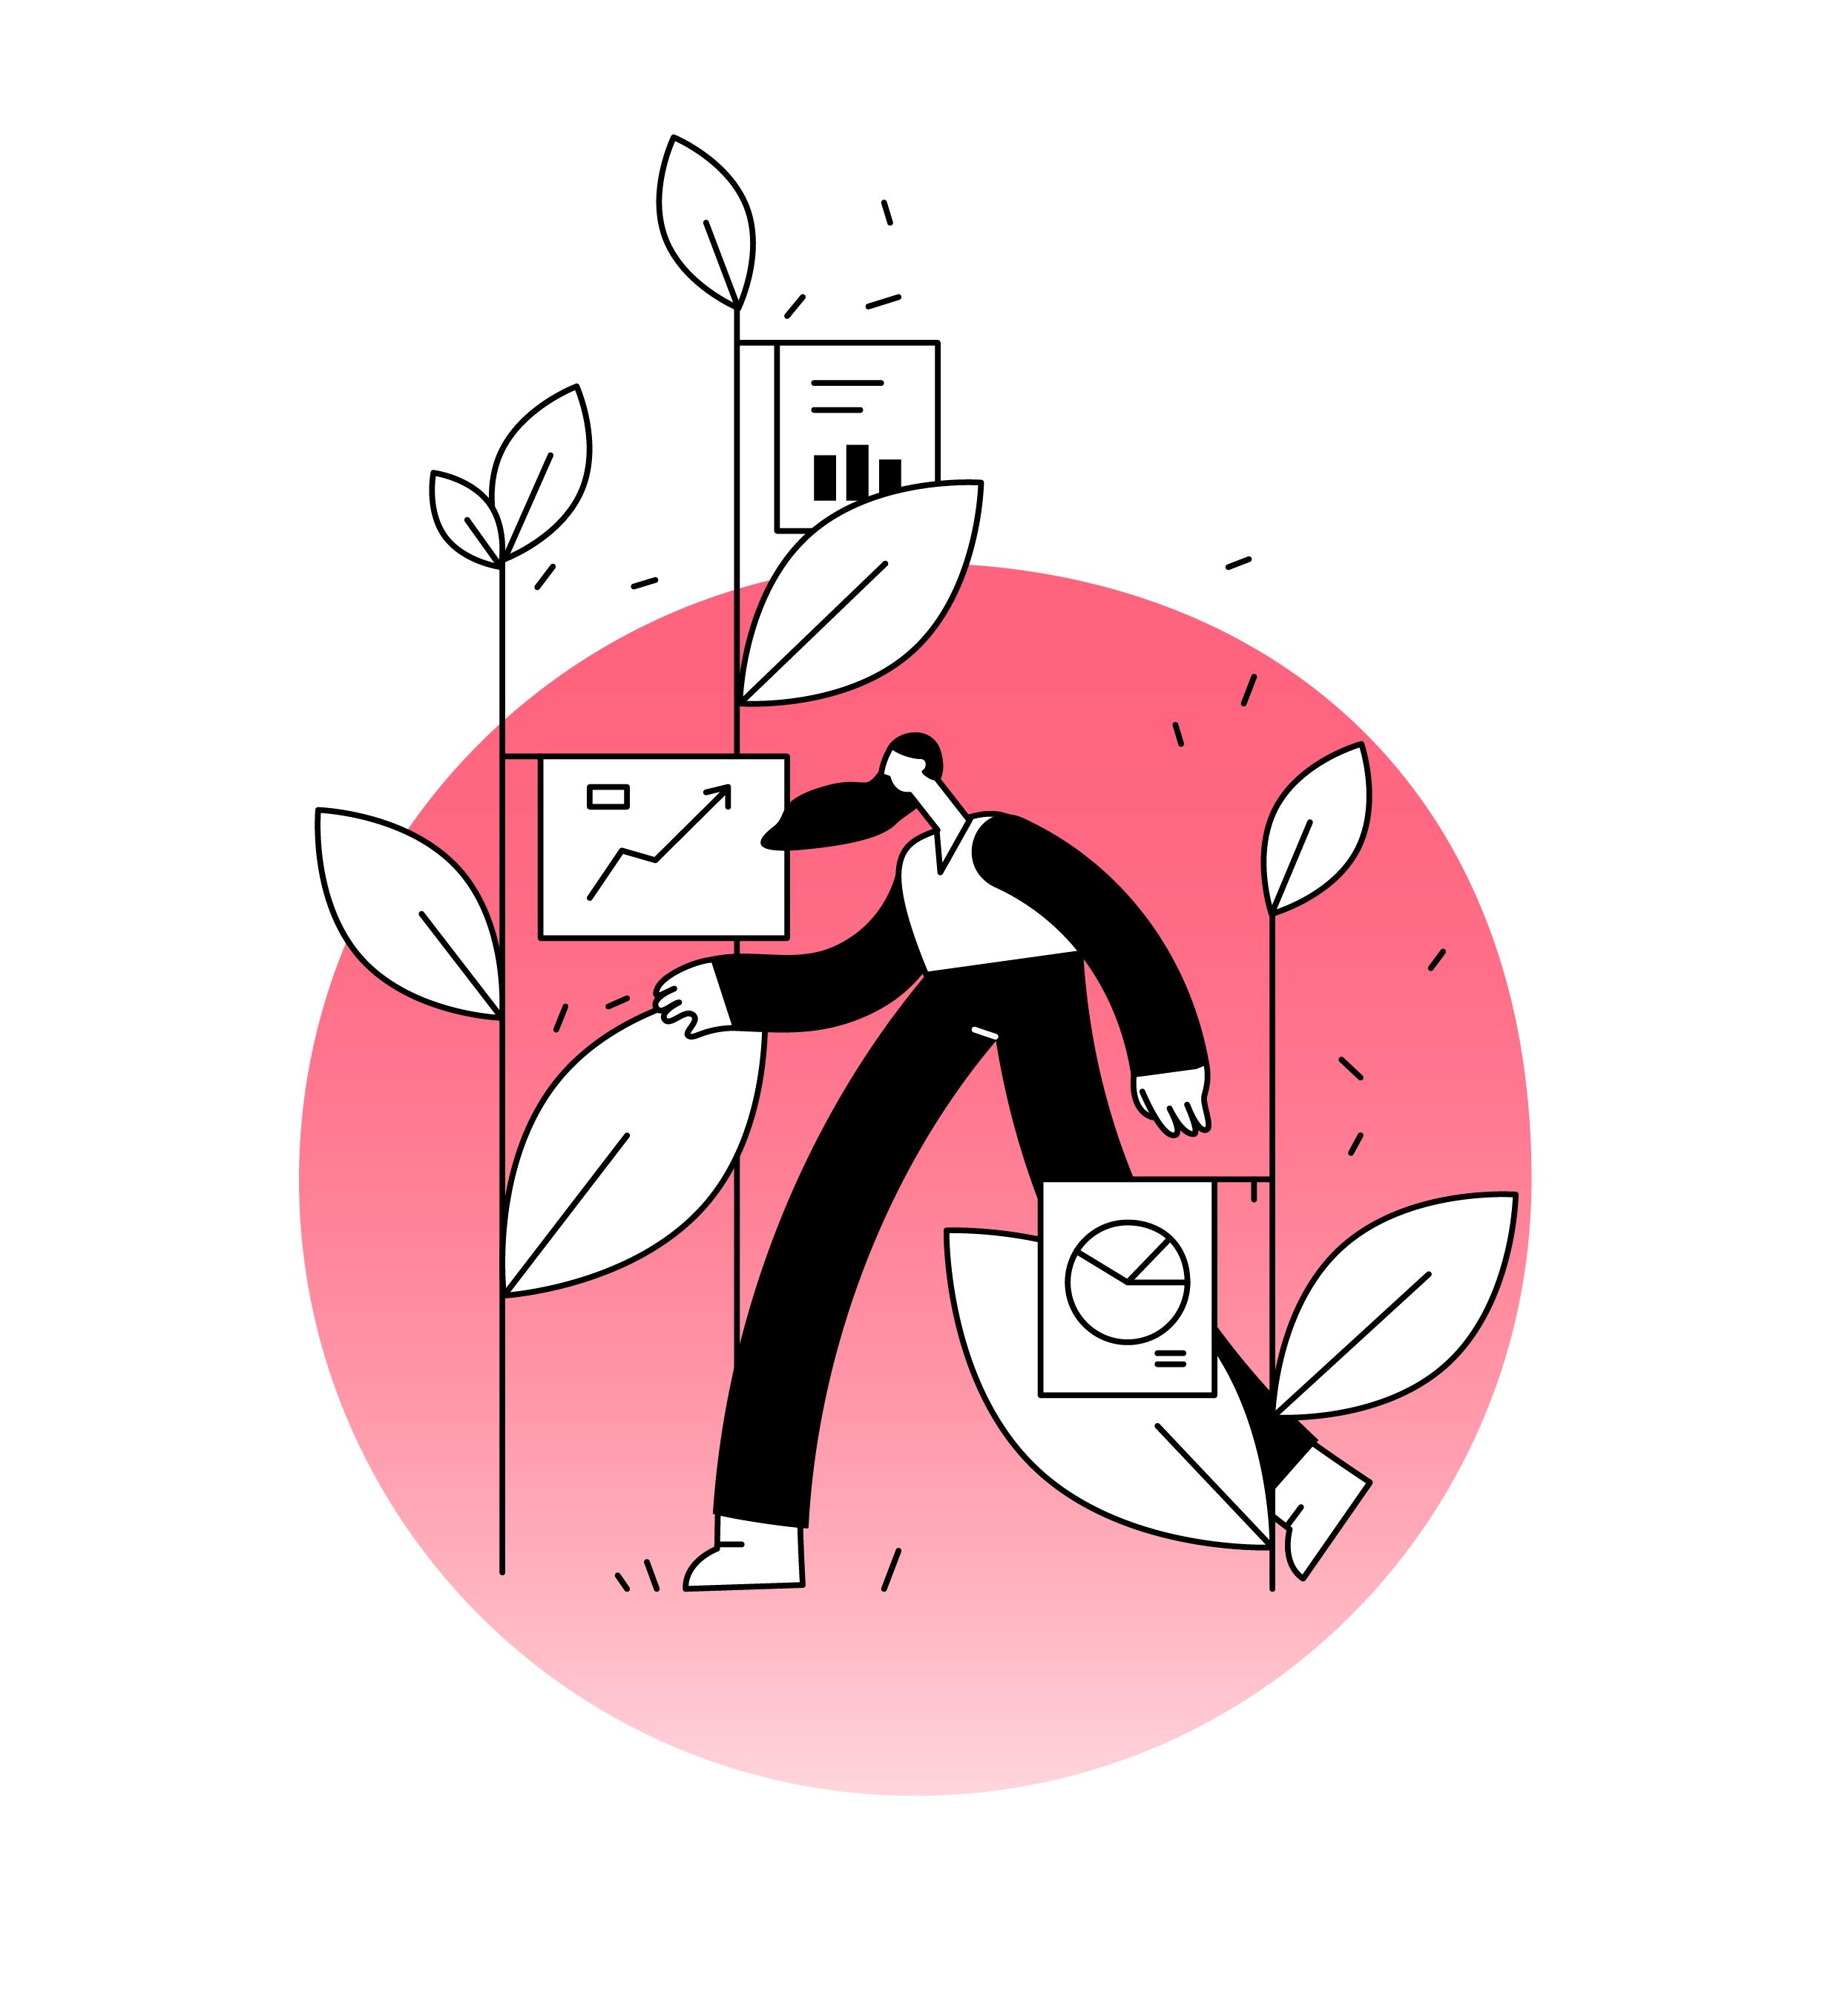 Sådan arbejder I langsigtet med jeres markedsføring (og måler det)